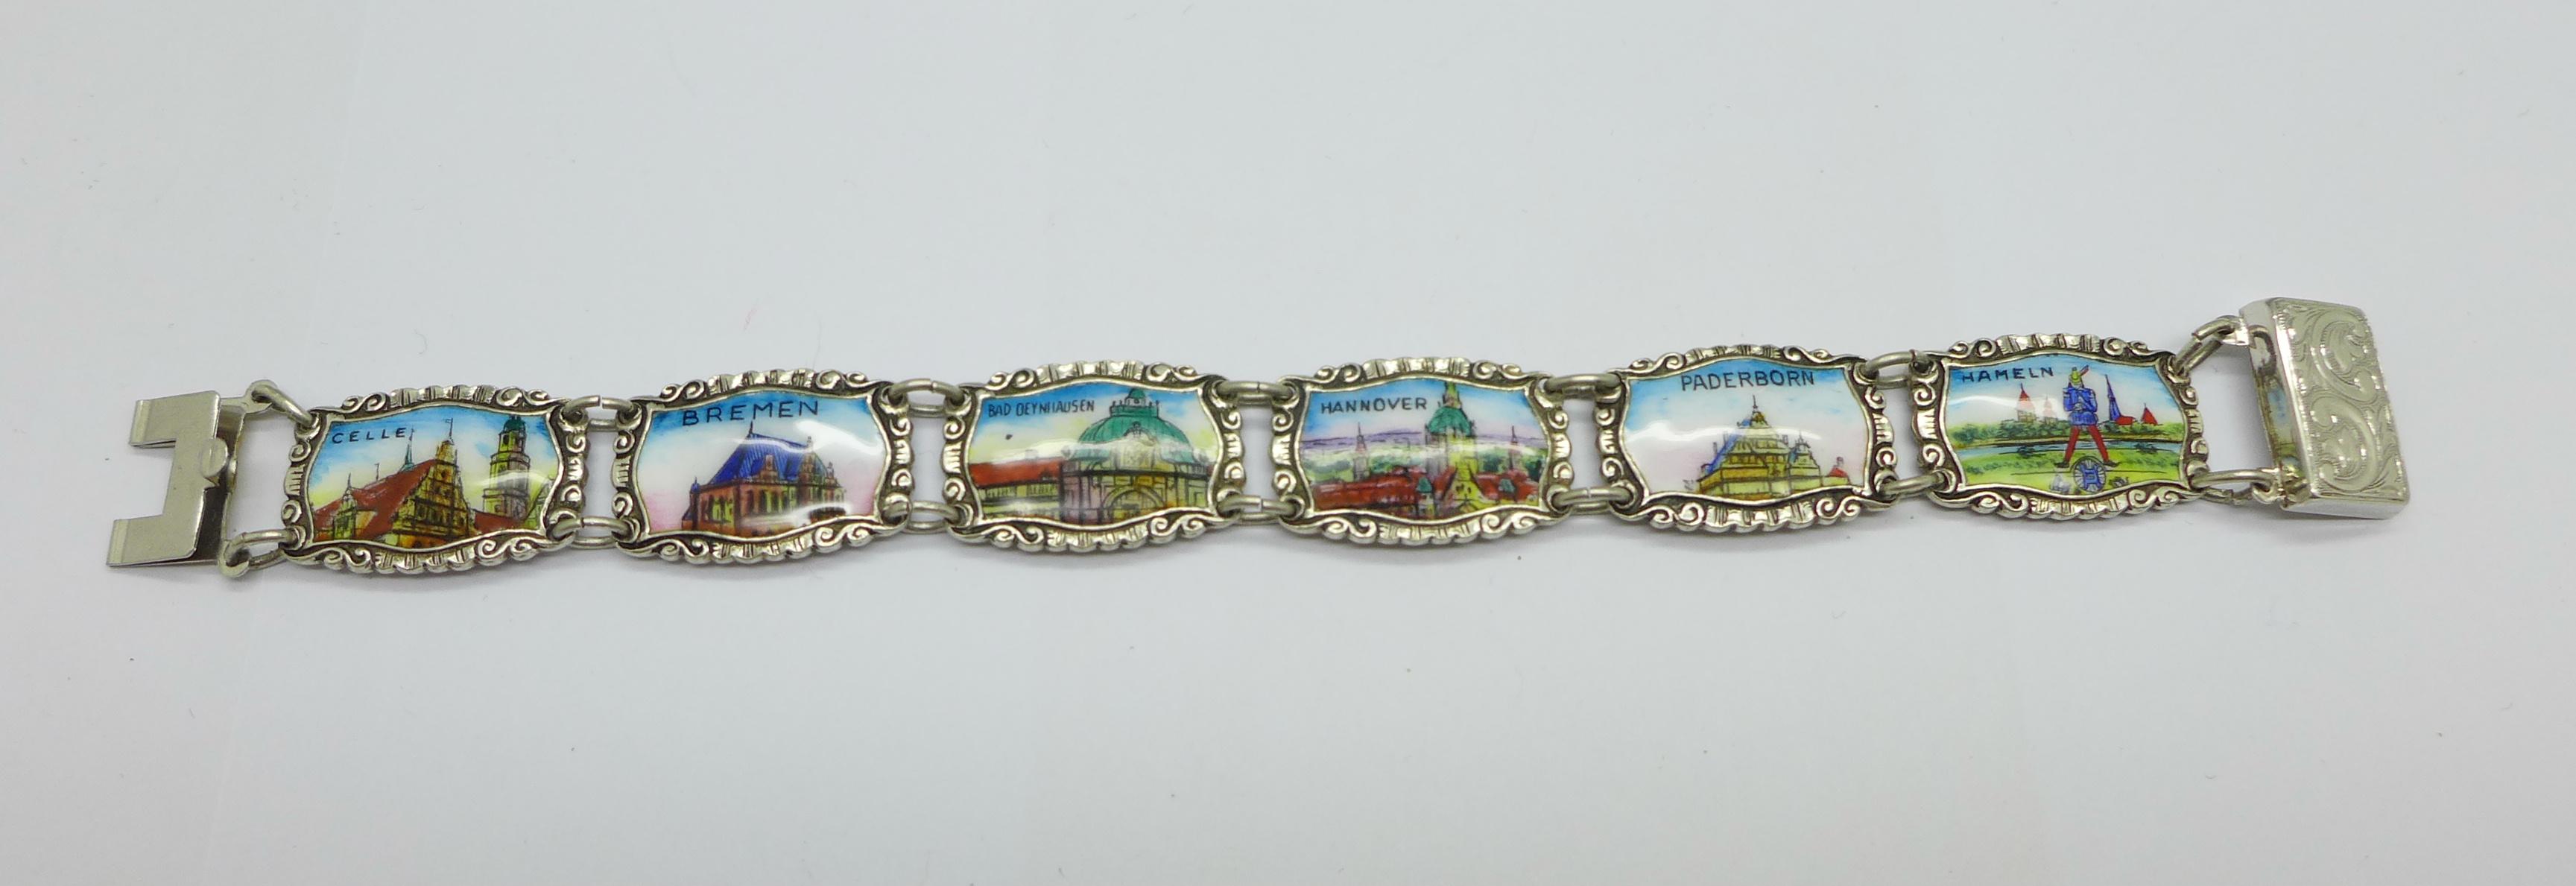 An enamelled silver bracelet marked 800 REU (manufacturer Fritz Reu & Co.), clasp marked Sterling,